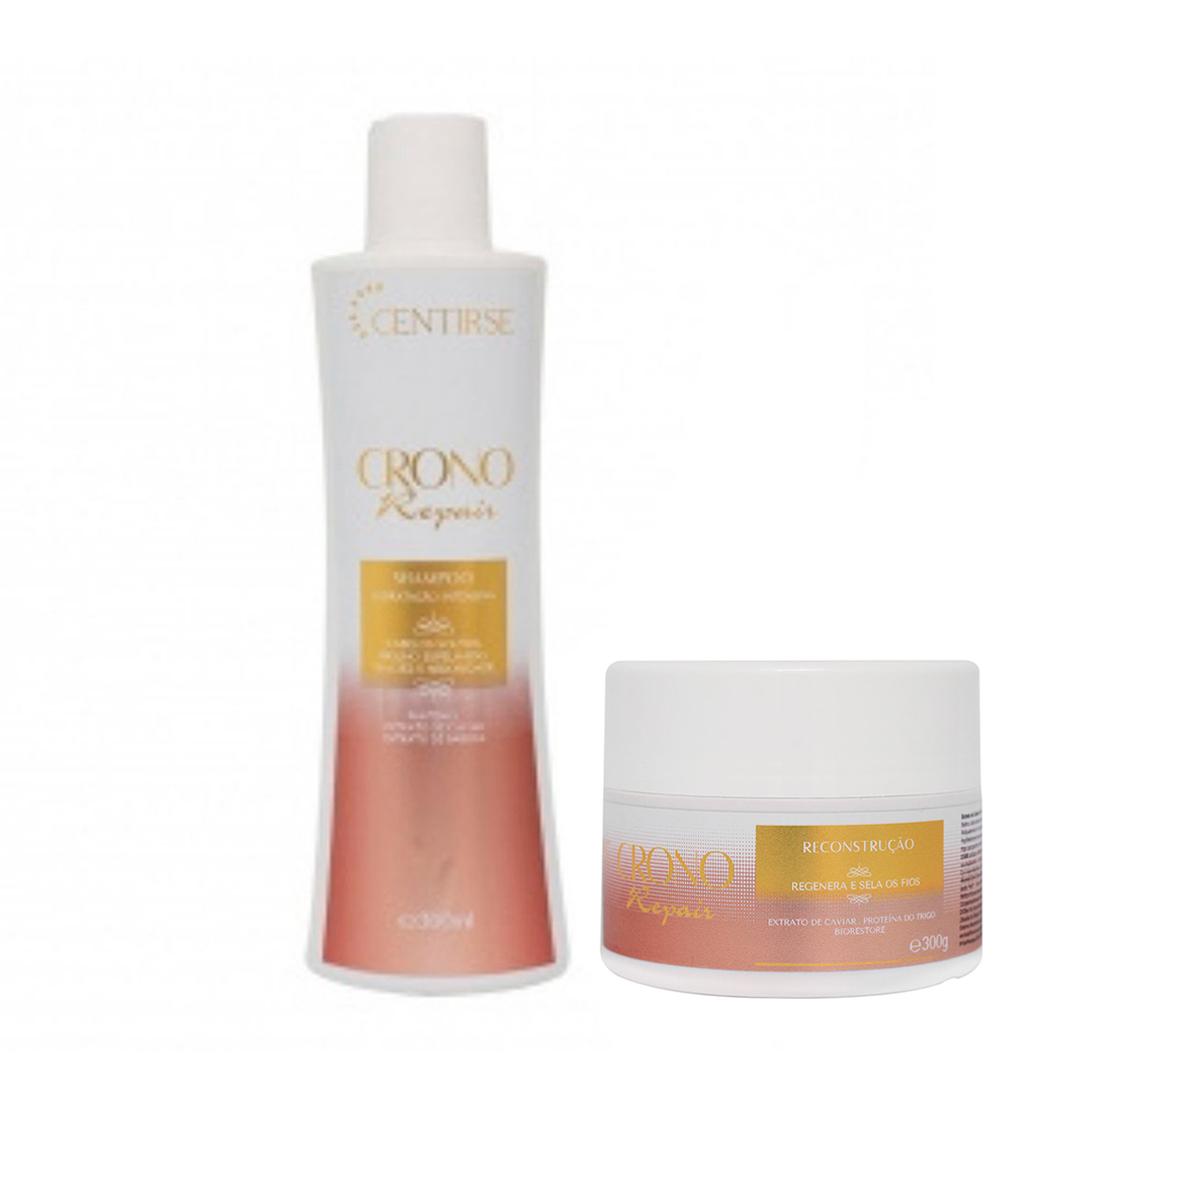 Shampoo e Mascara para Reconstrução Capilar Cabelos Danificados Crono Repair Centirse